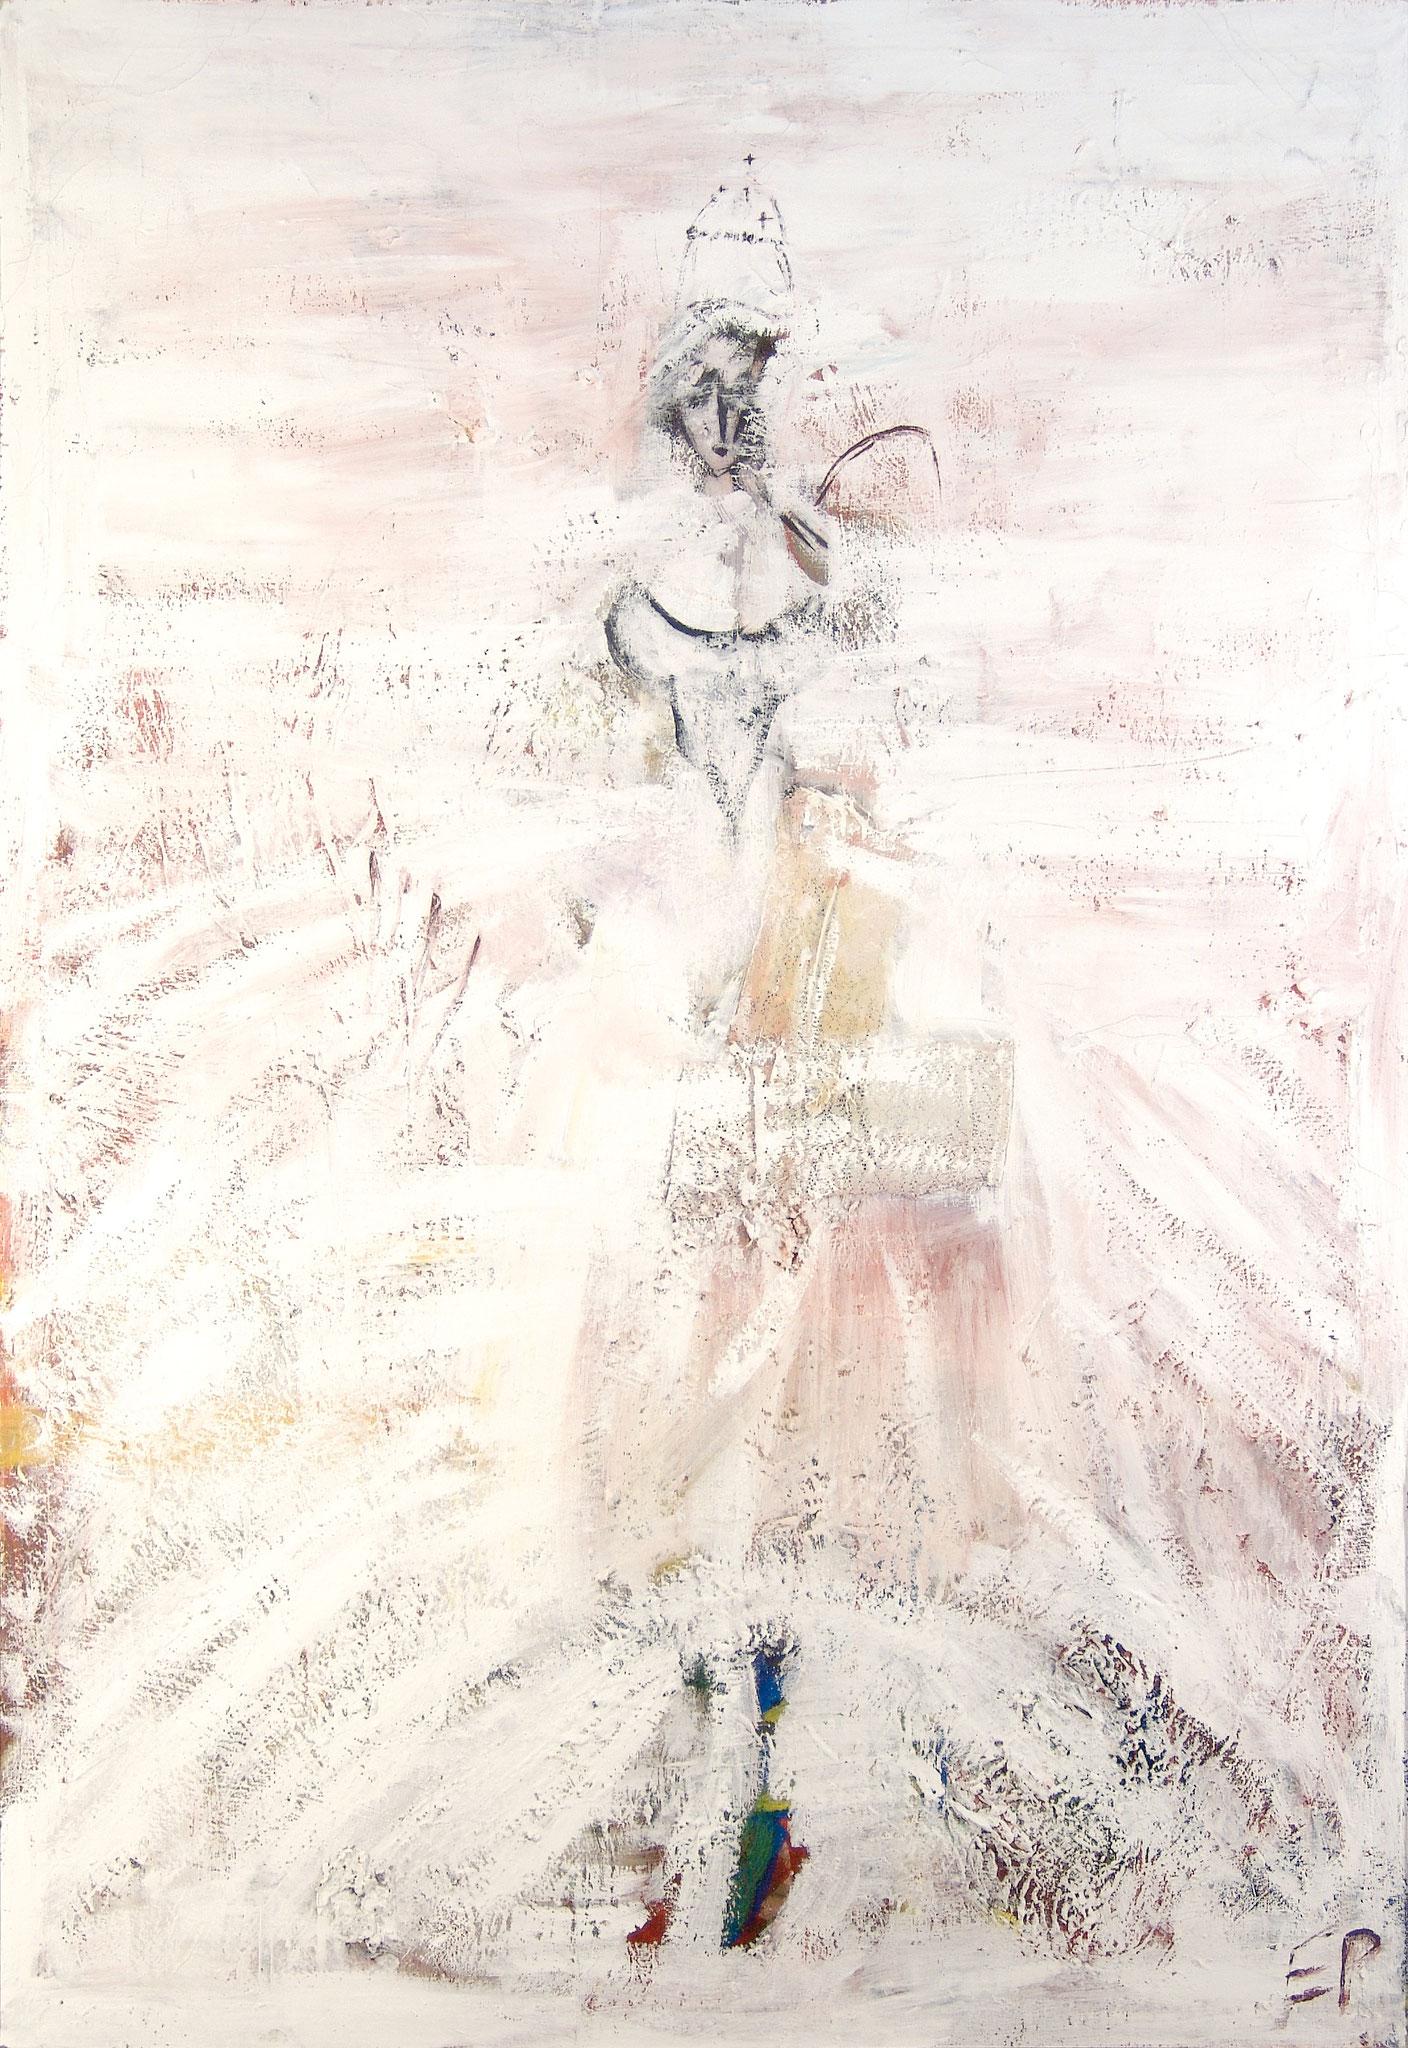 Serie Päpstinnen, Die weiße Frau, Malerei, 160 x110 cm, 1999